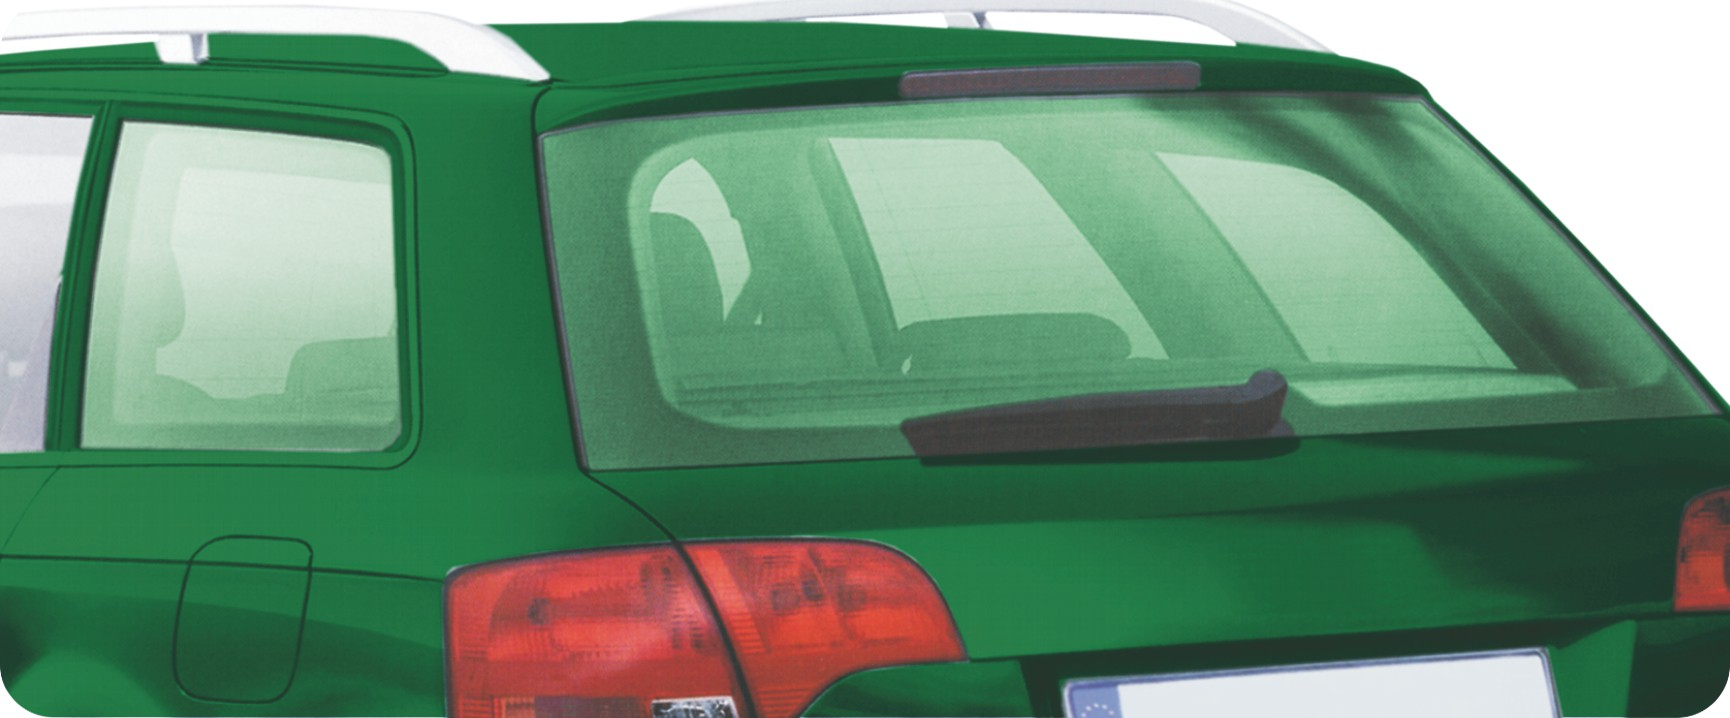 Farbige Tönungsfolie Virgin green Set 76 x 152 cm und 51 x 152 cm Frühjahrsaktion!!